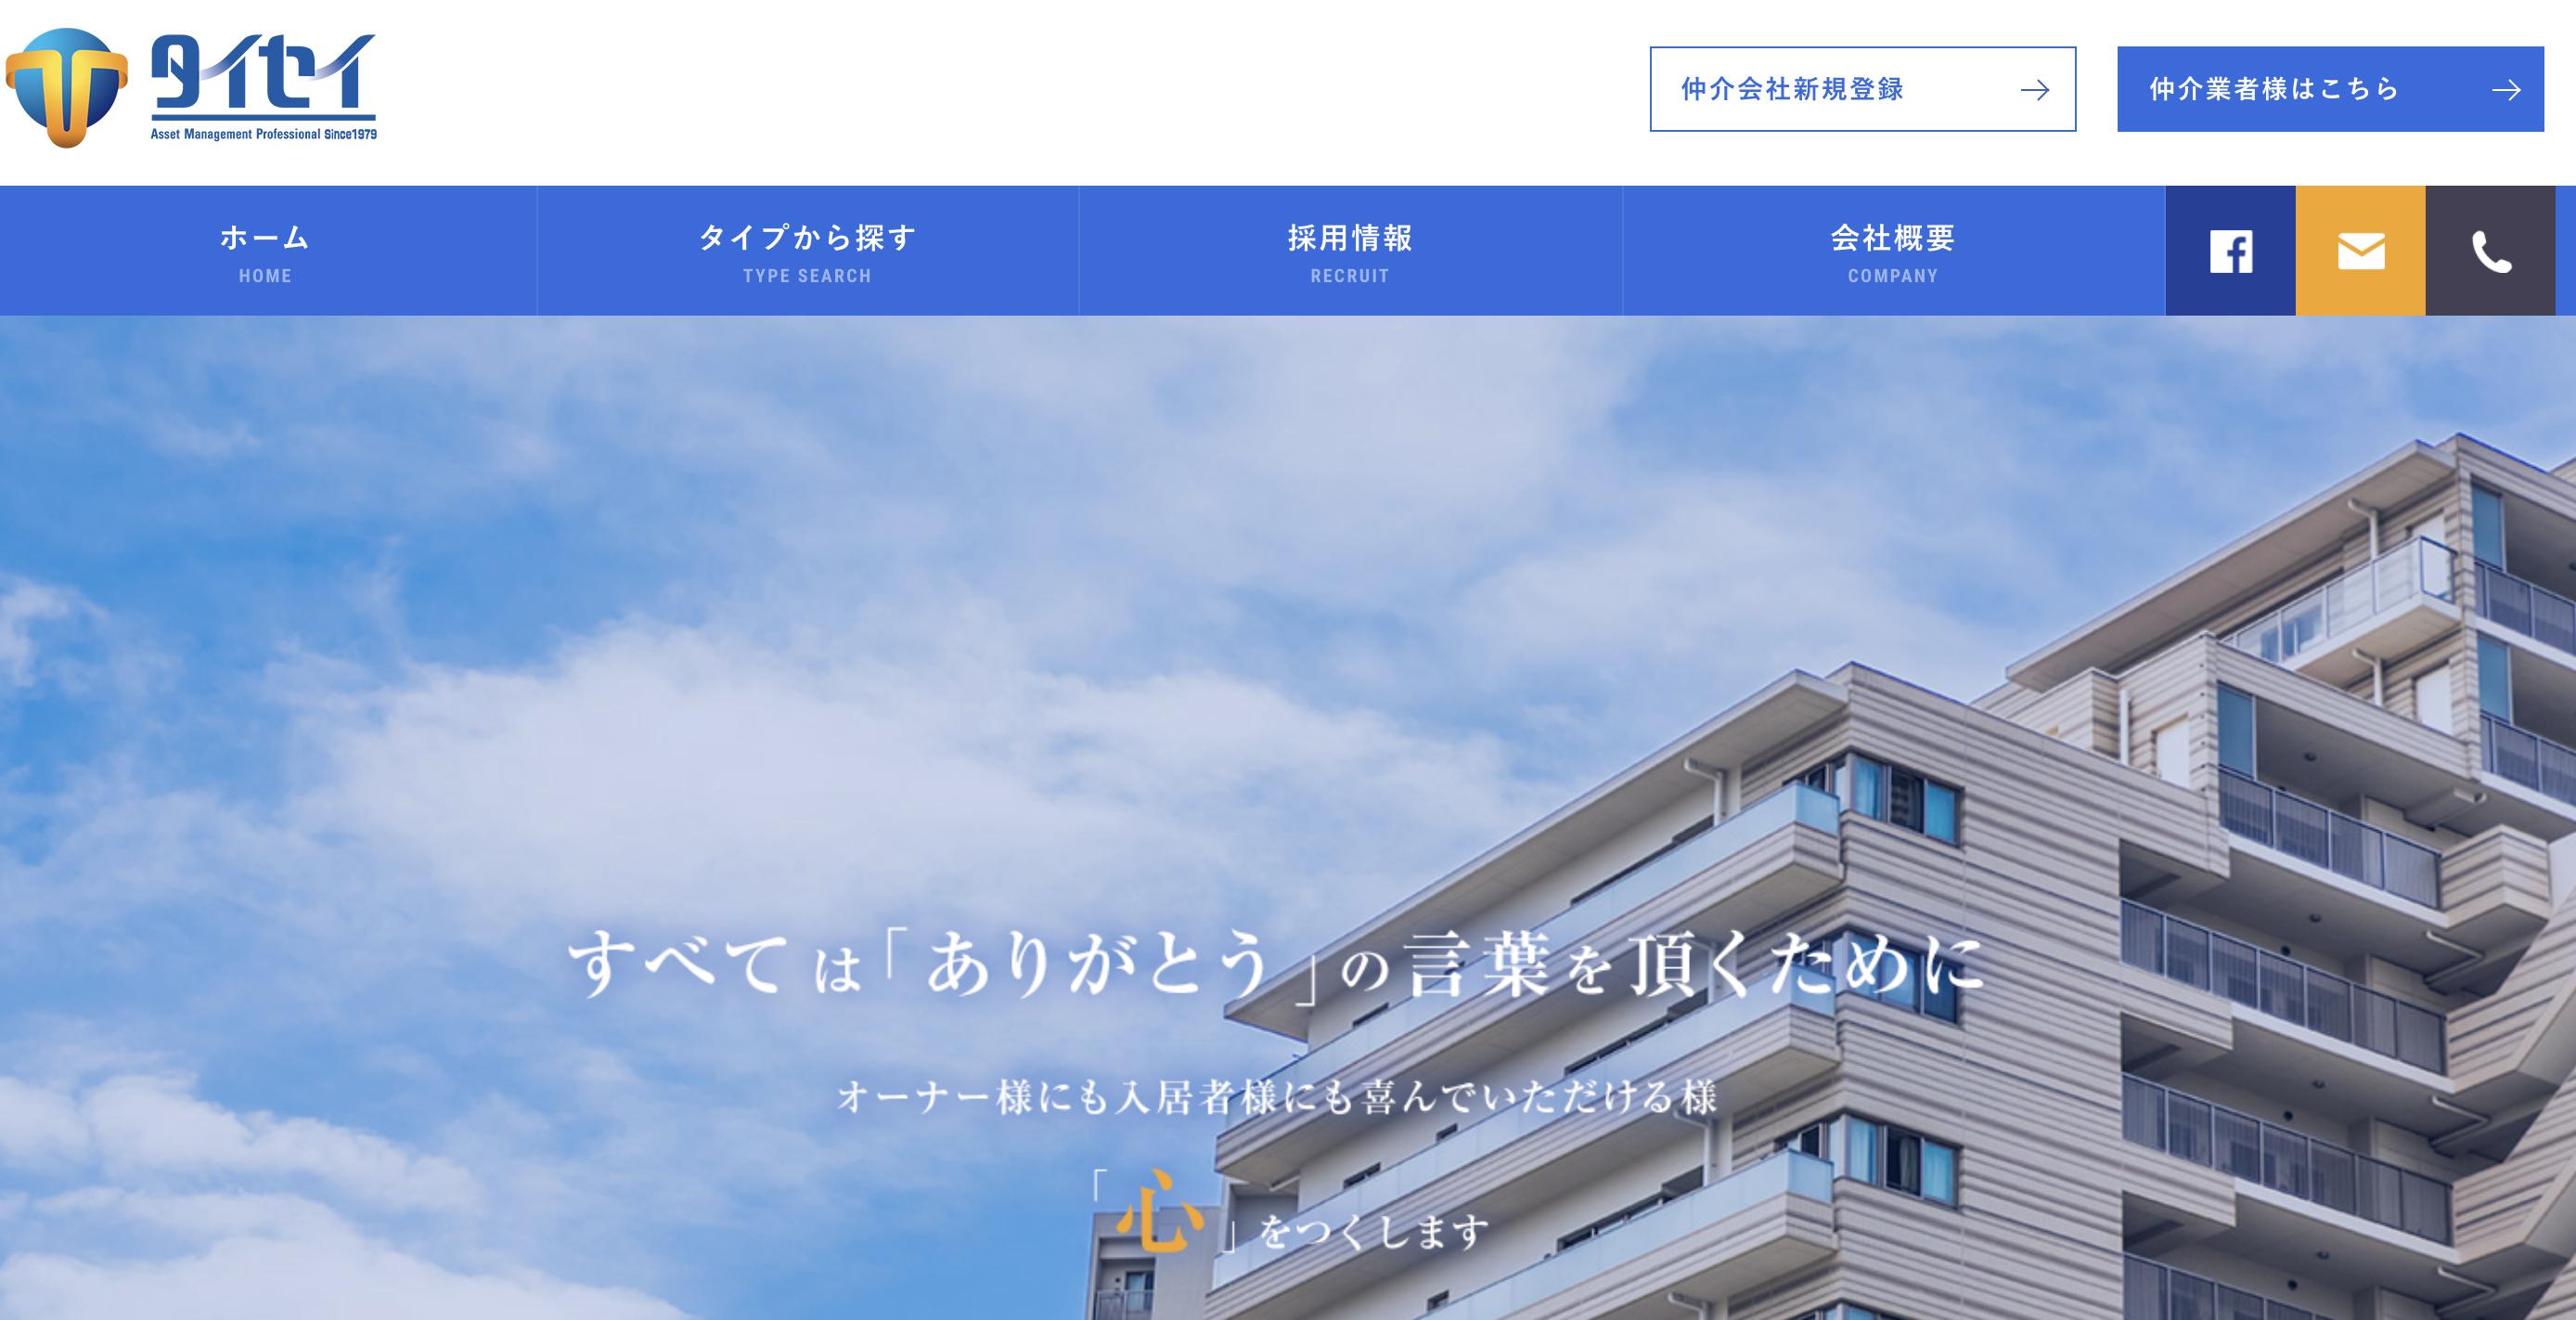 大阪に本社がある賃貸管理会社7選【各会社の特徴と評判を紹介】